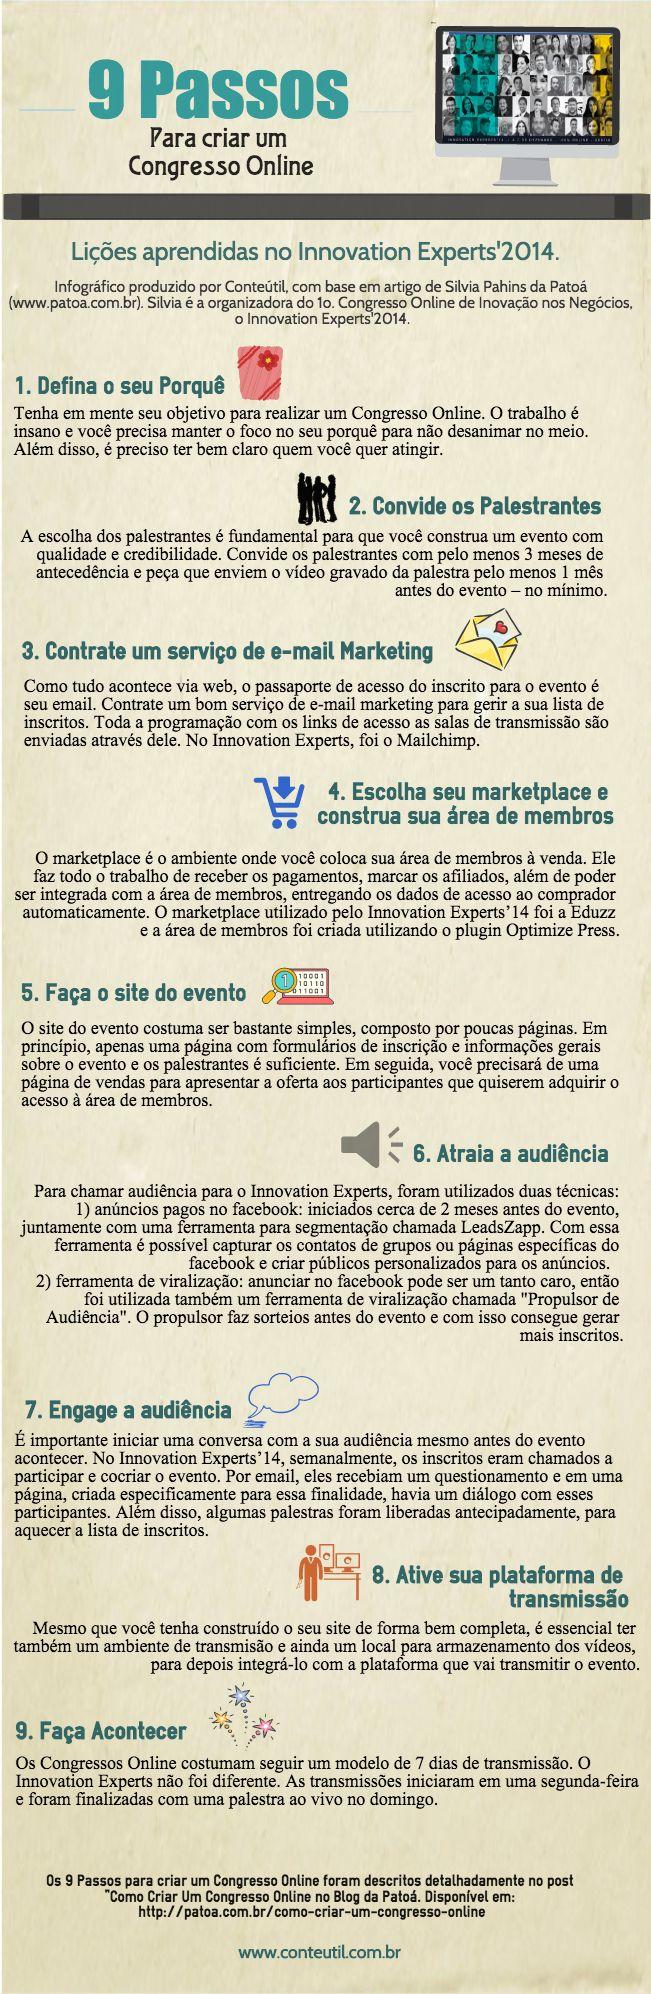 Infográfico 9 Passos